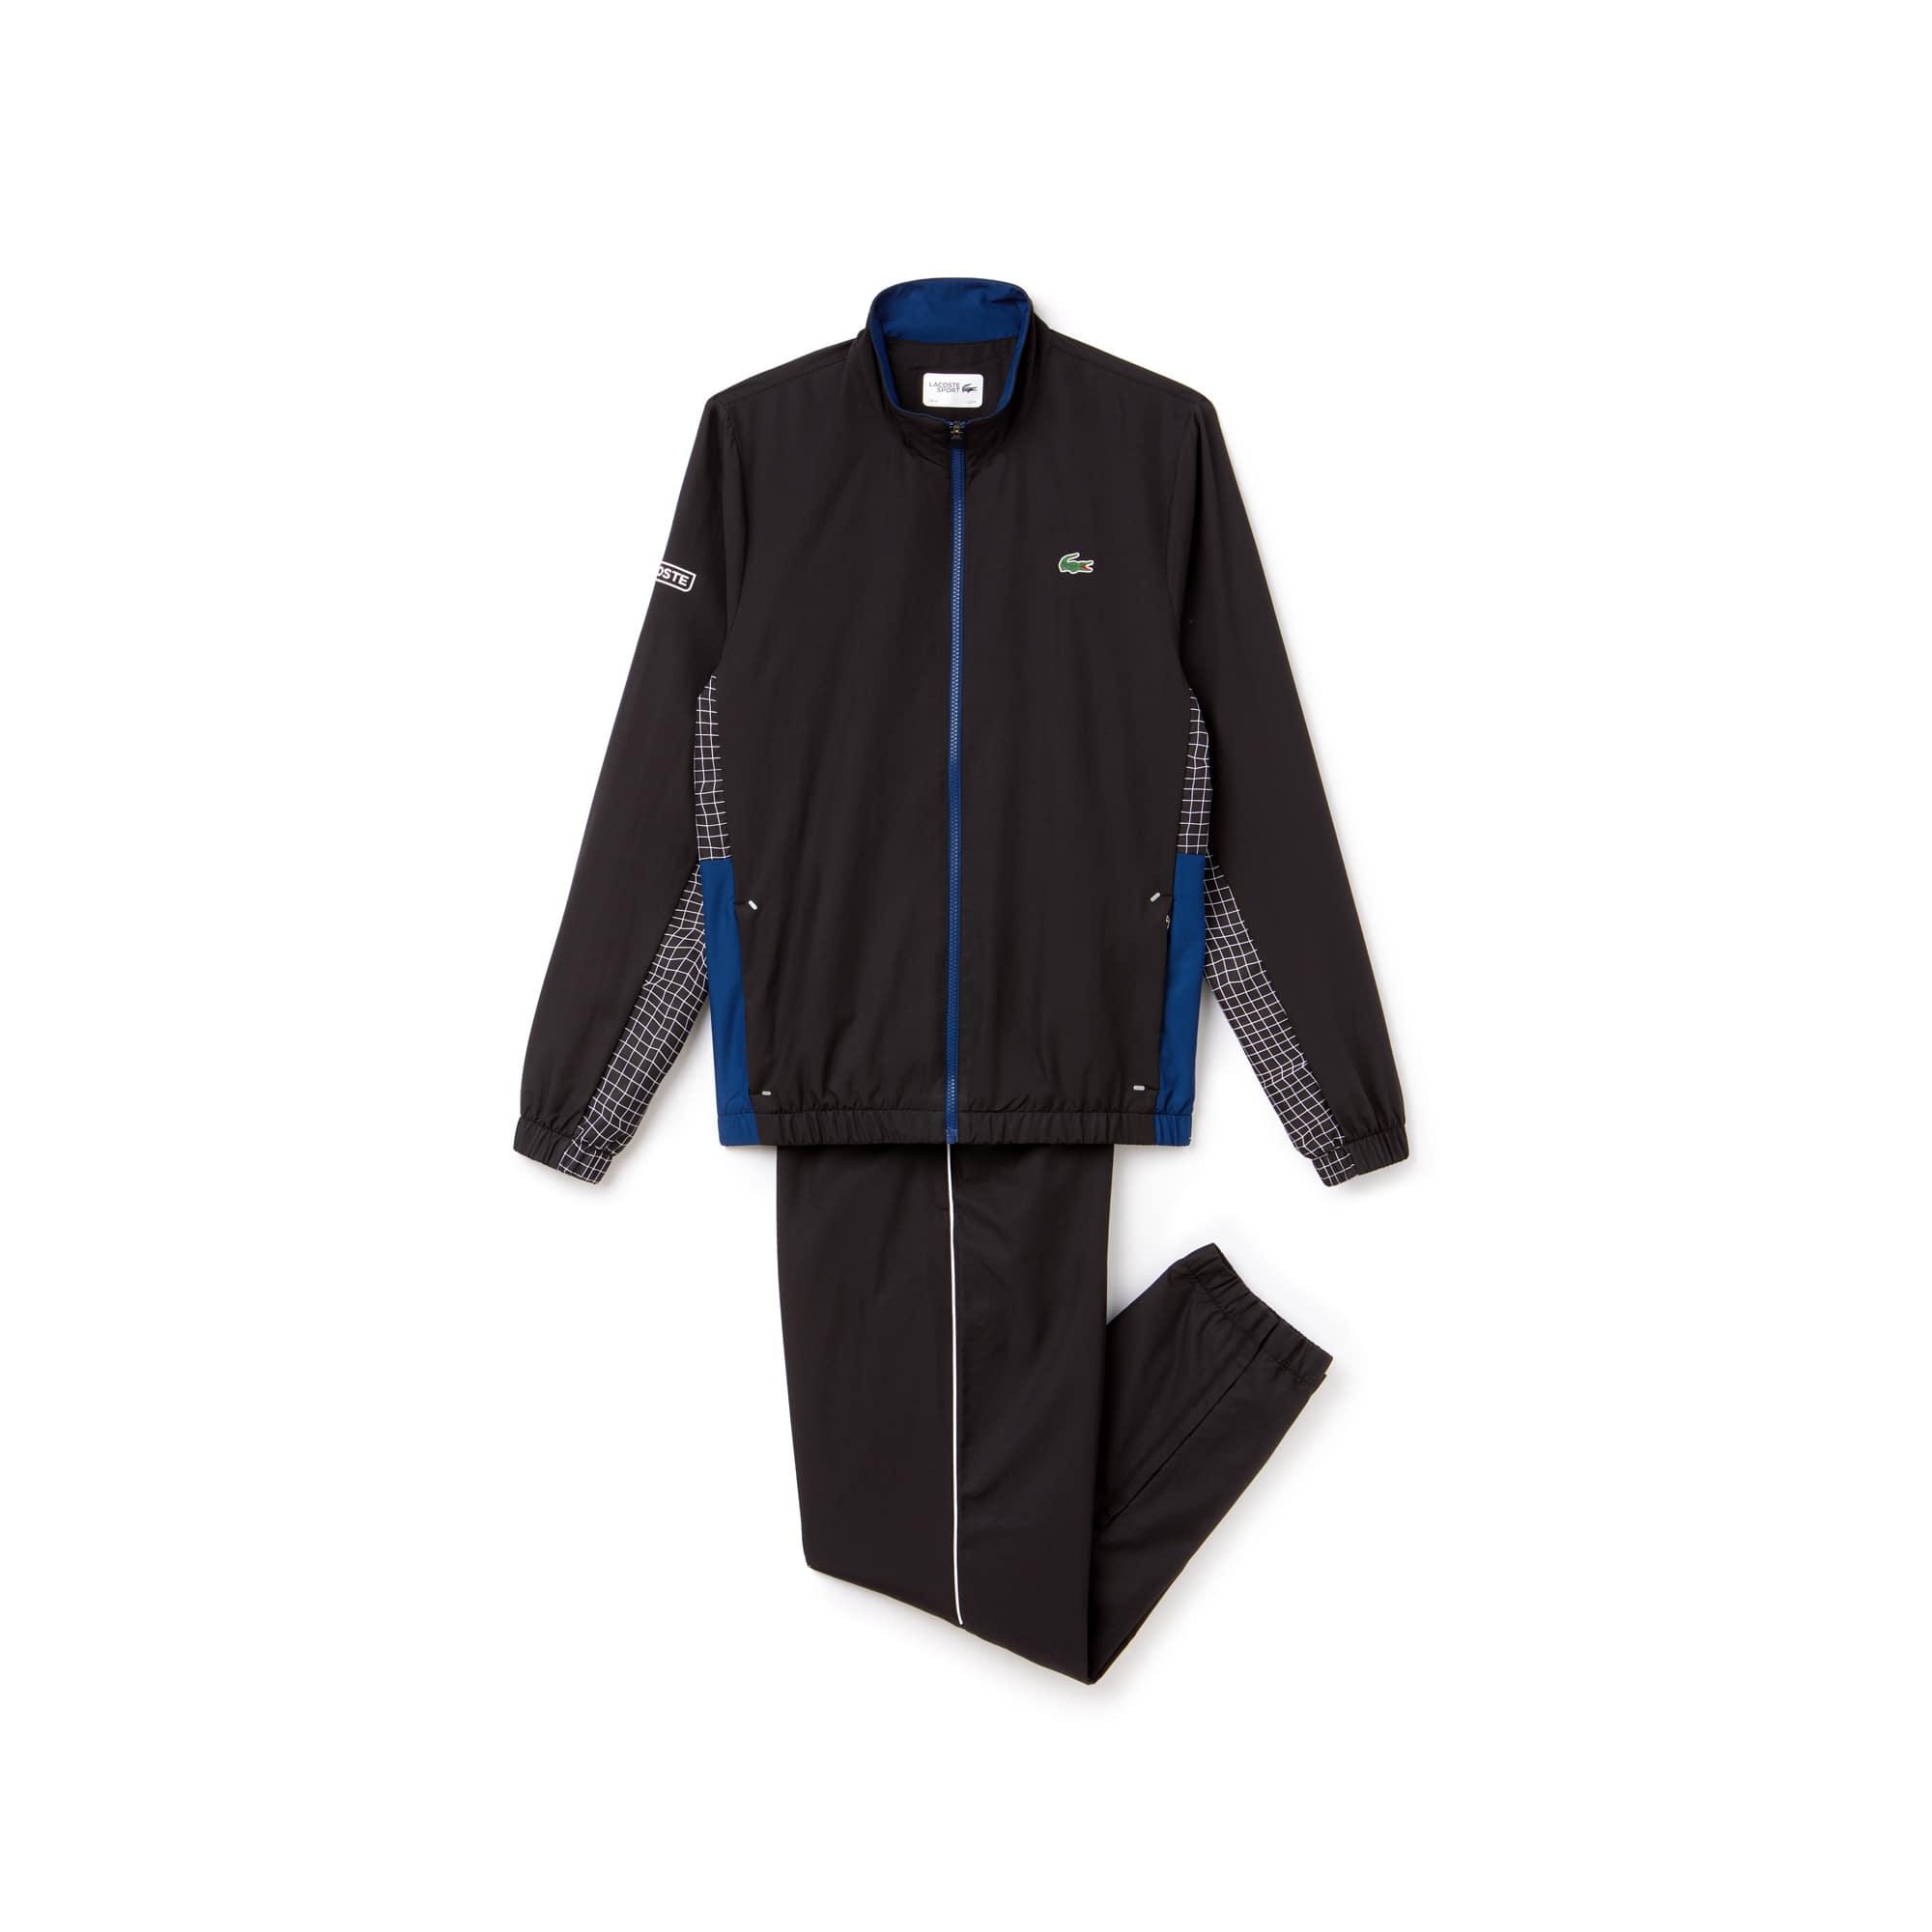 라코스테 Lacoste Mens SPORT Piped Taffeta Tennis Tracksuit,black / navy blue / white / black